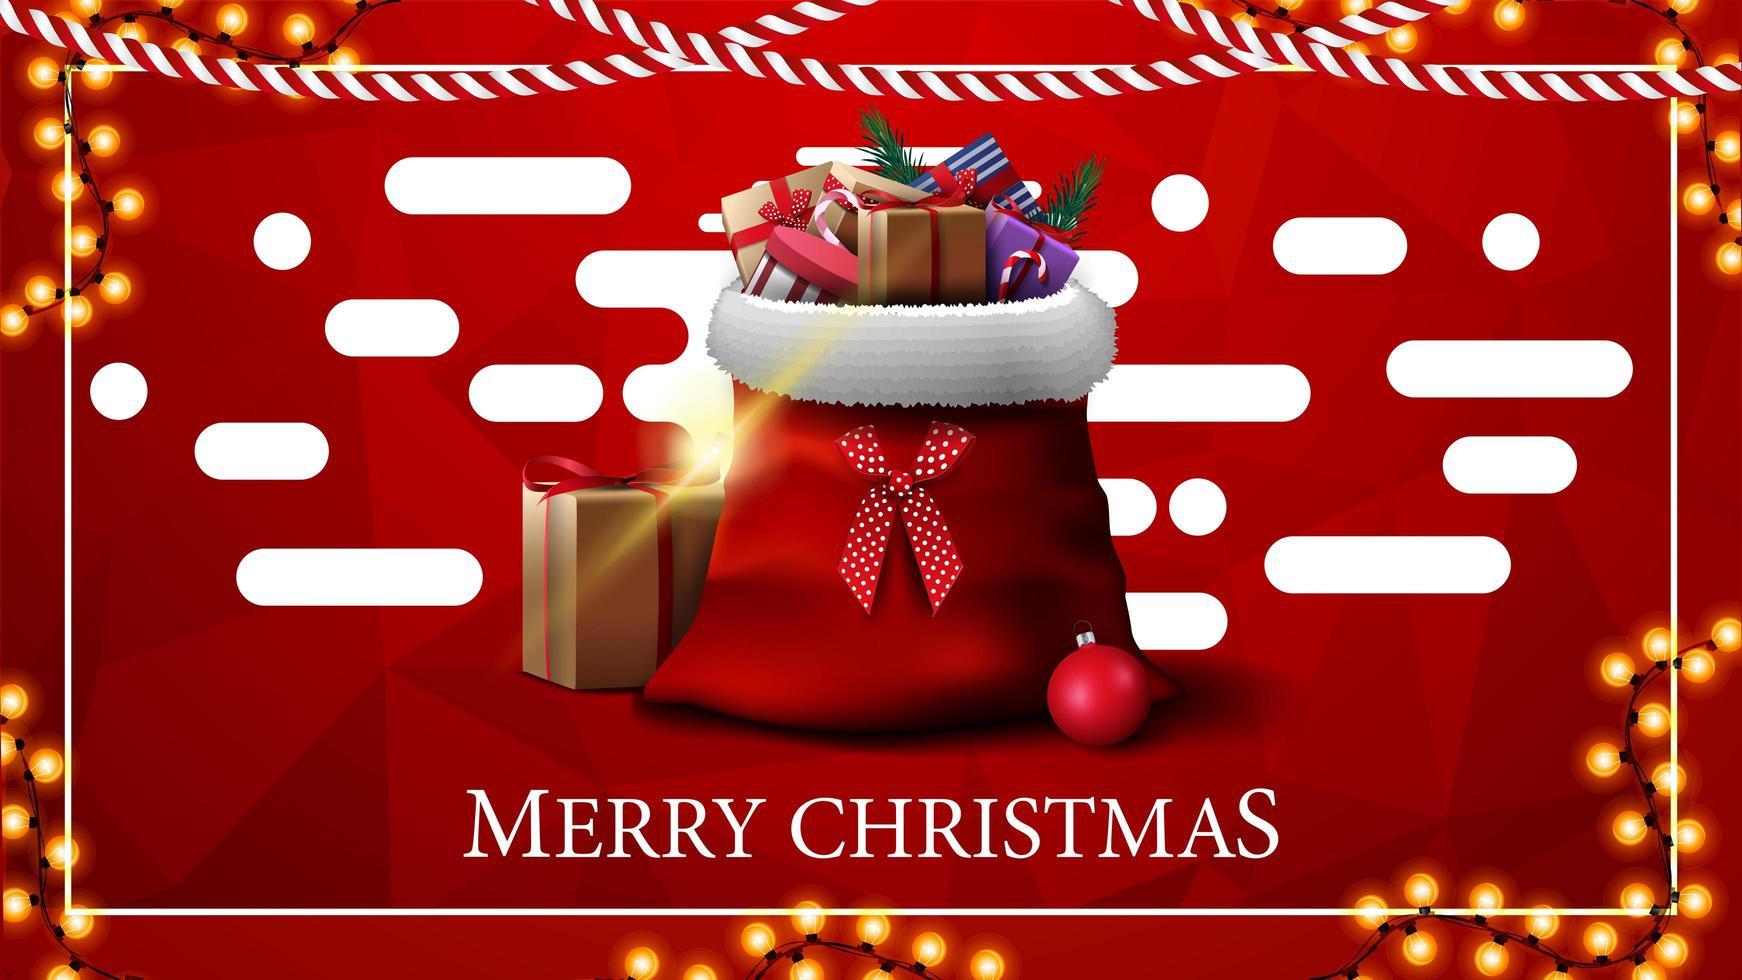 Feliz Navidad, tarjeta de felicitación roja con textura poligonal sobre fondo y bolsa de santa claus con regalos en primer plano vector